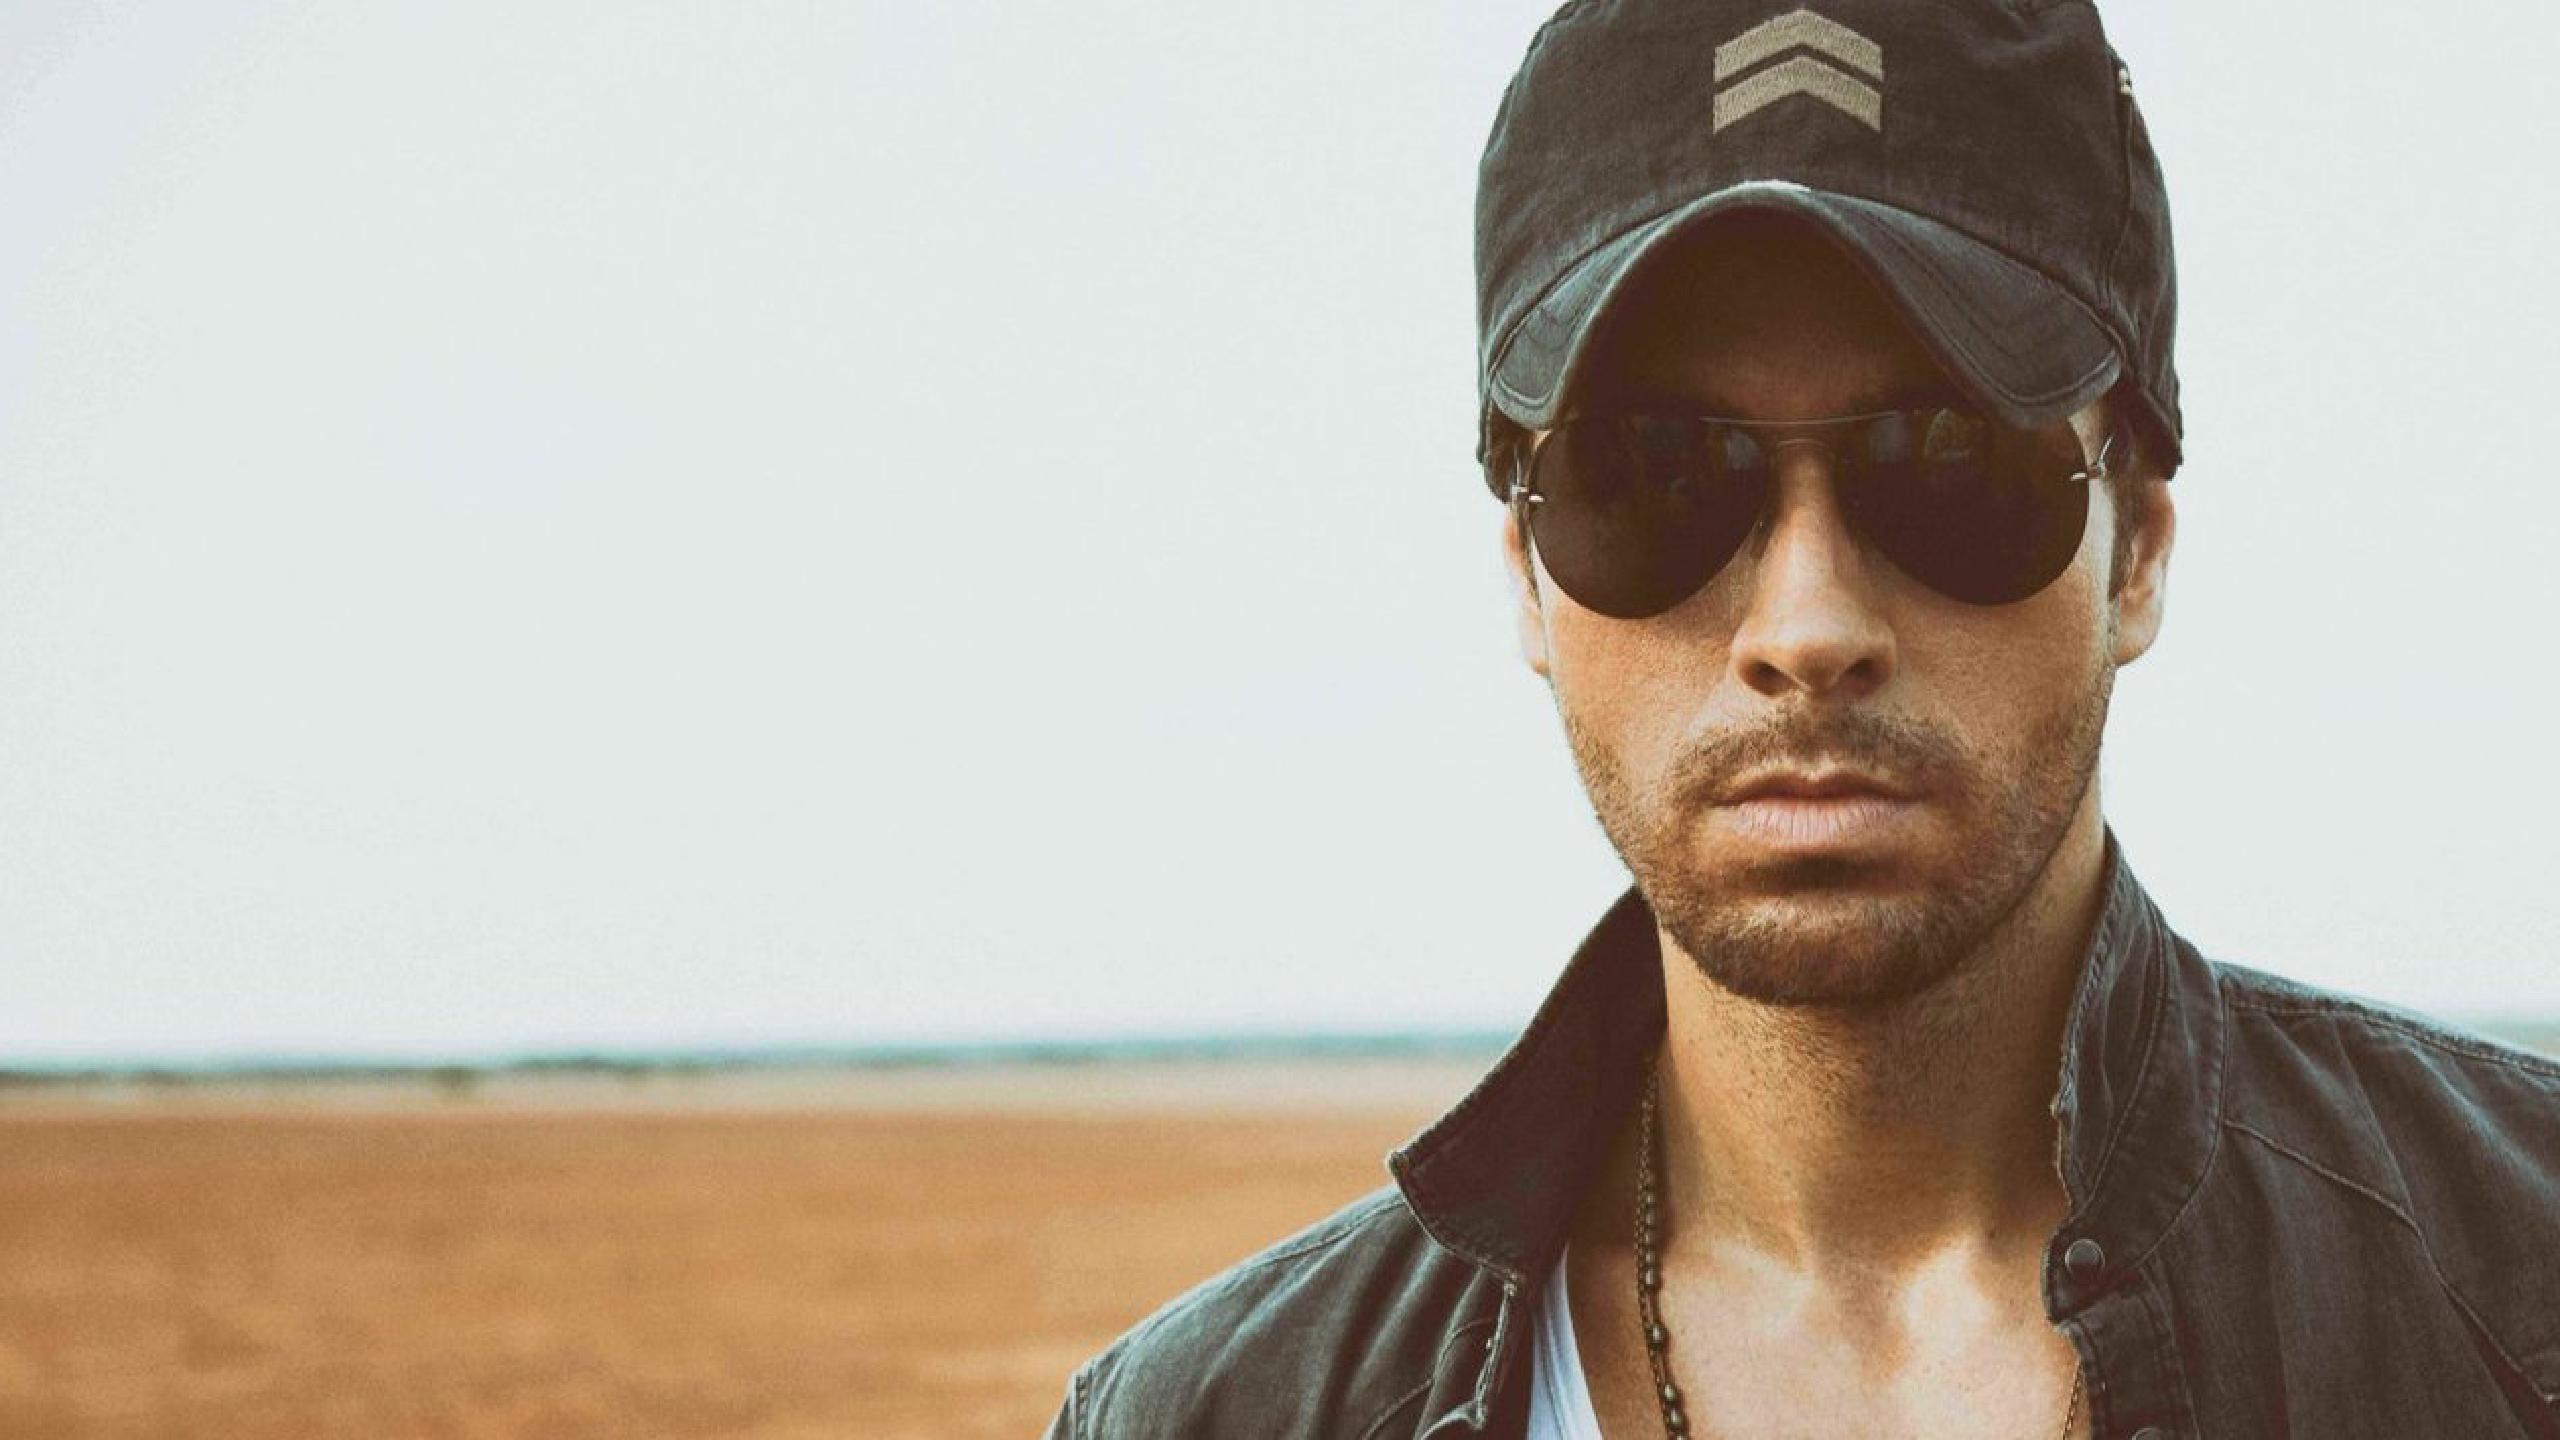 Enrique Iglesias tour dates 2019 2020  Enrique Iglesias